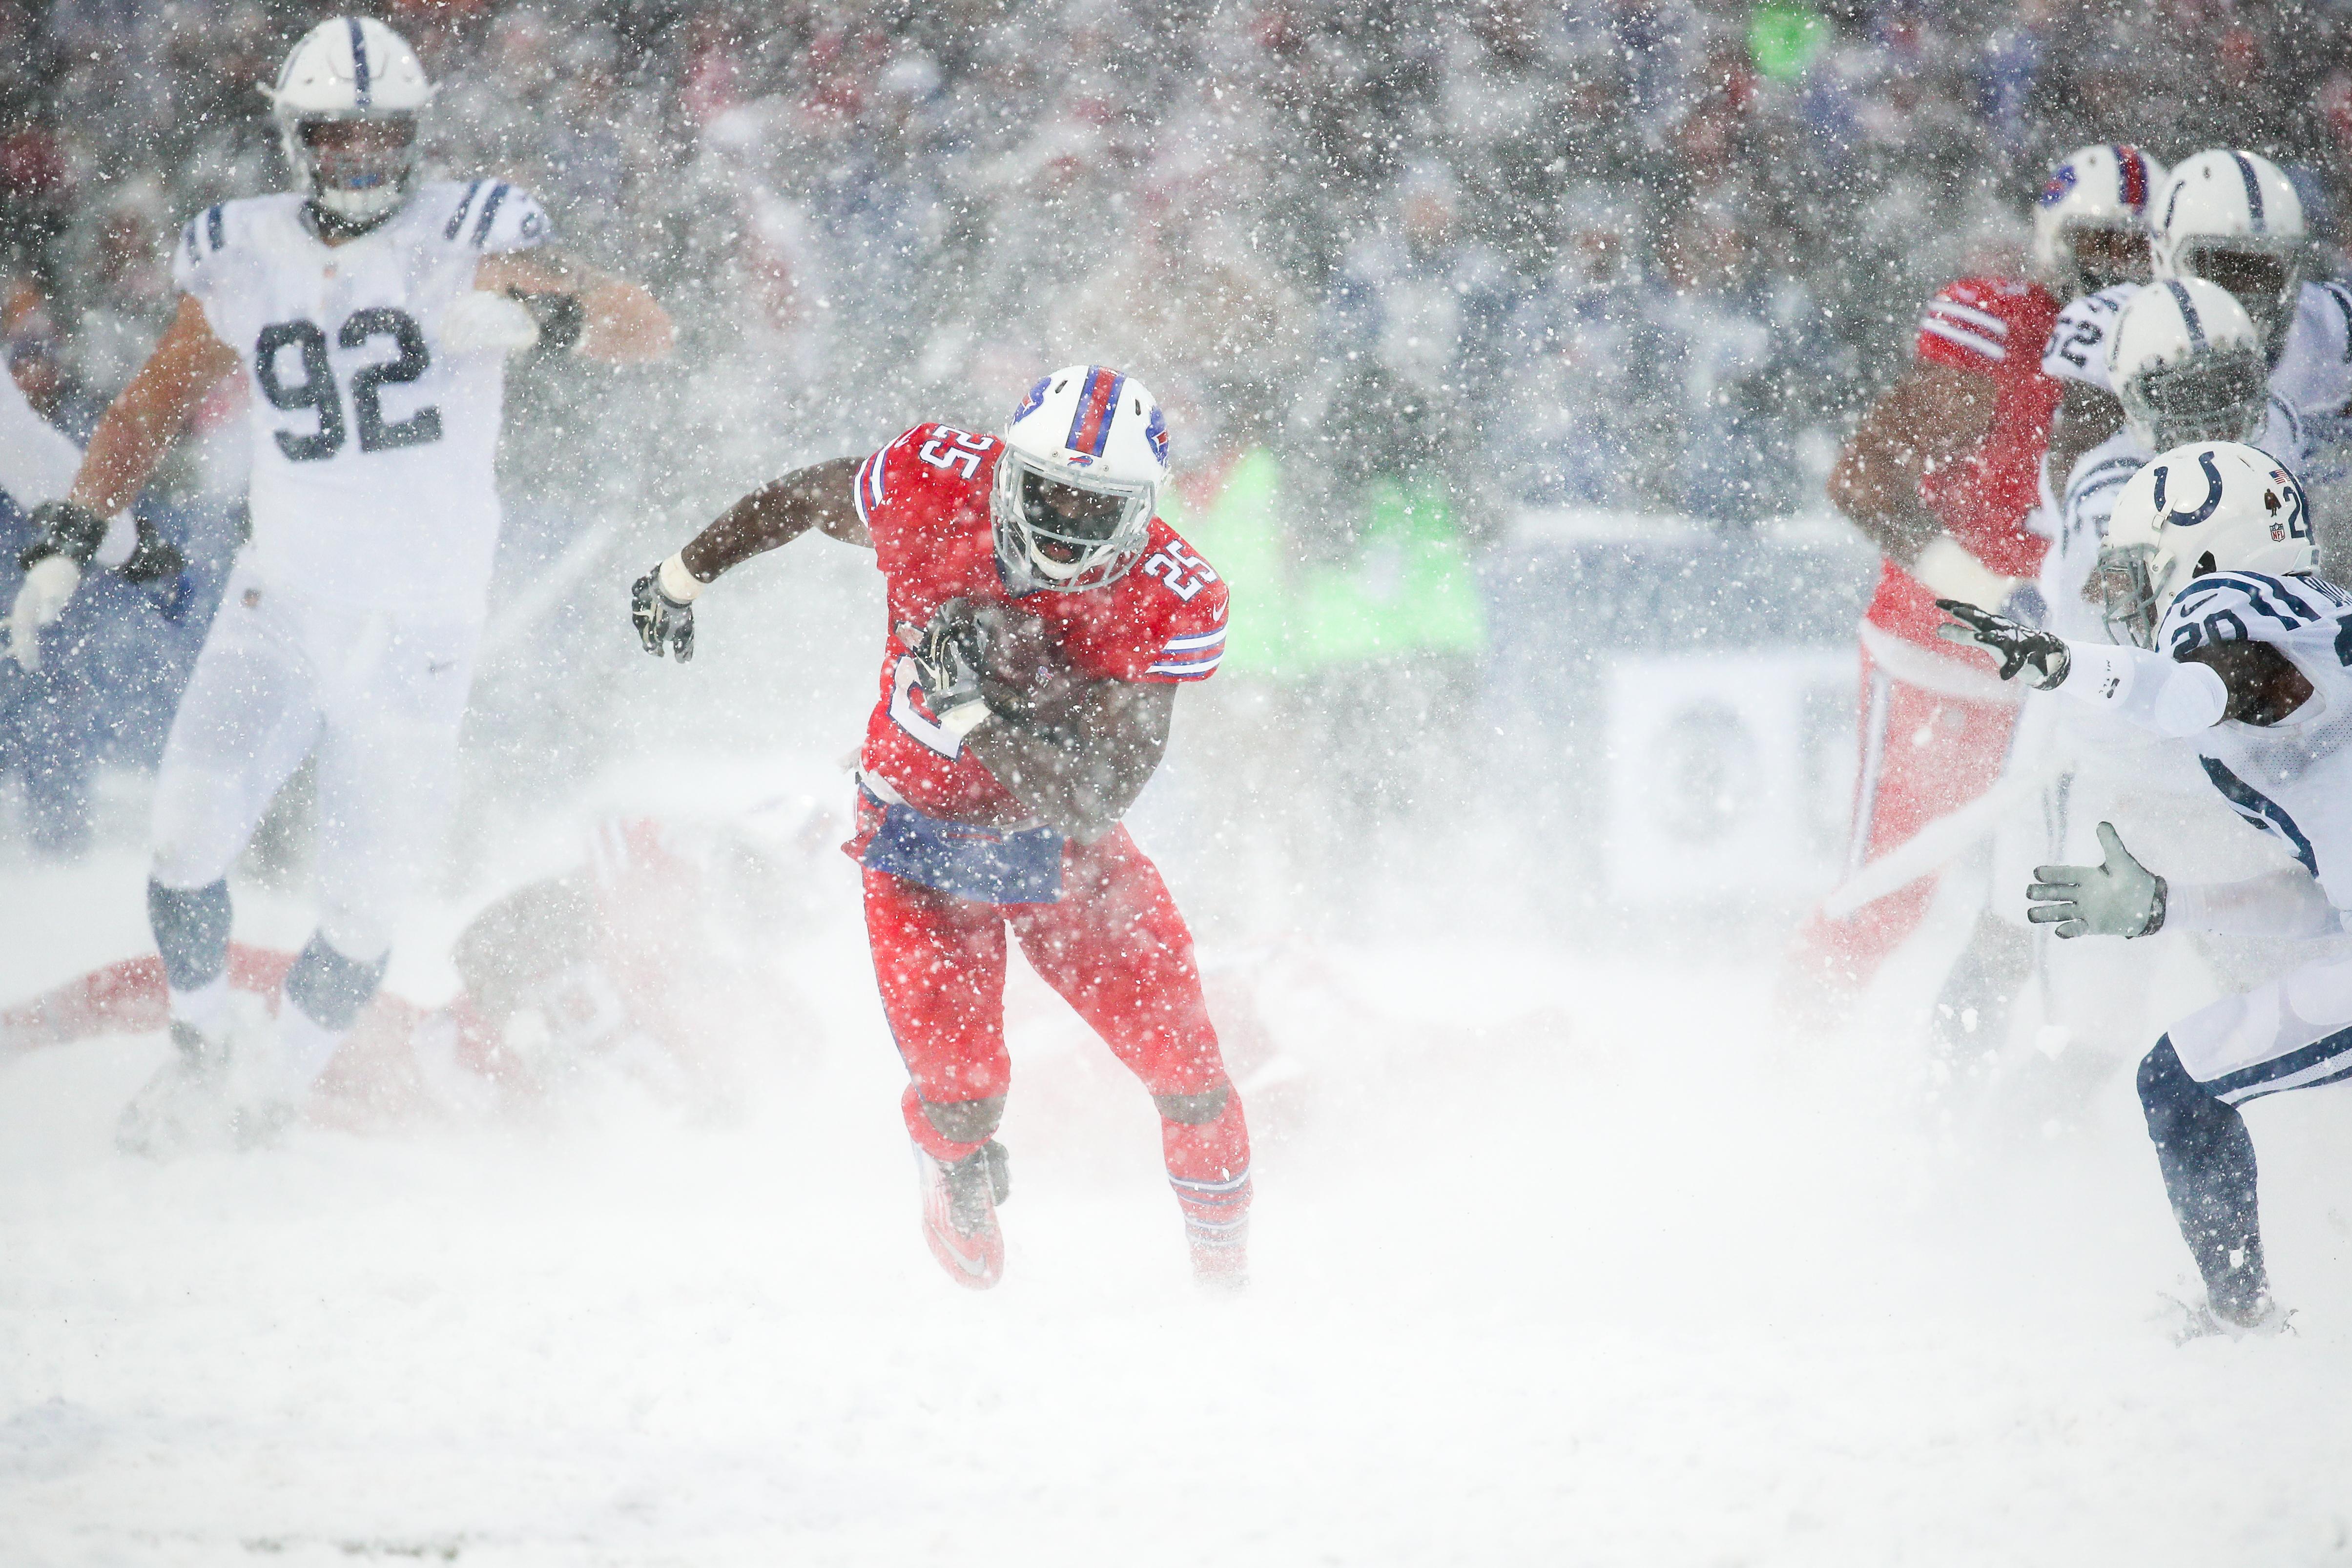 Tormenta de nieve NFL Buffalo Bills Indianapolis Colts